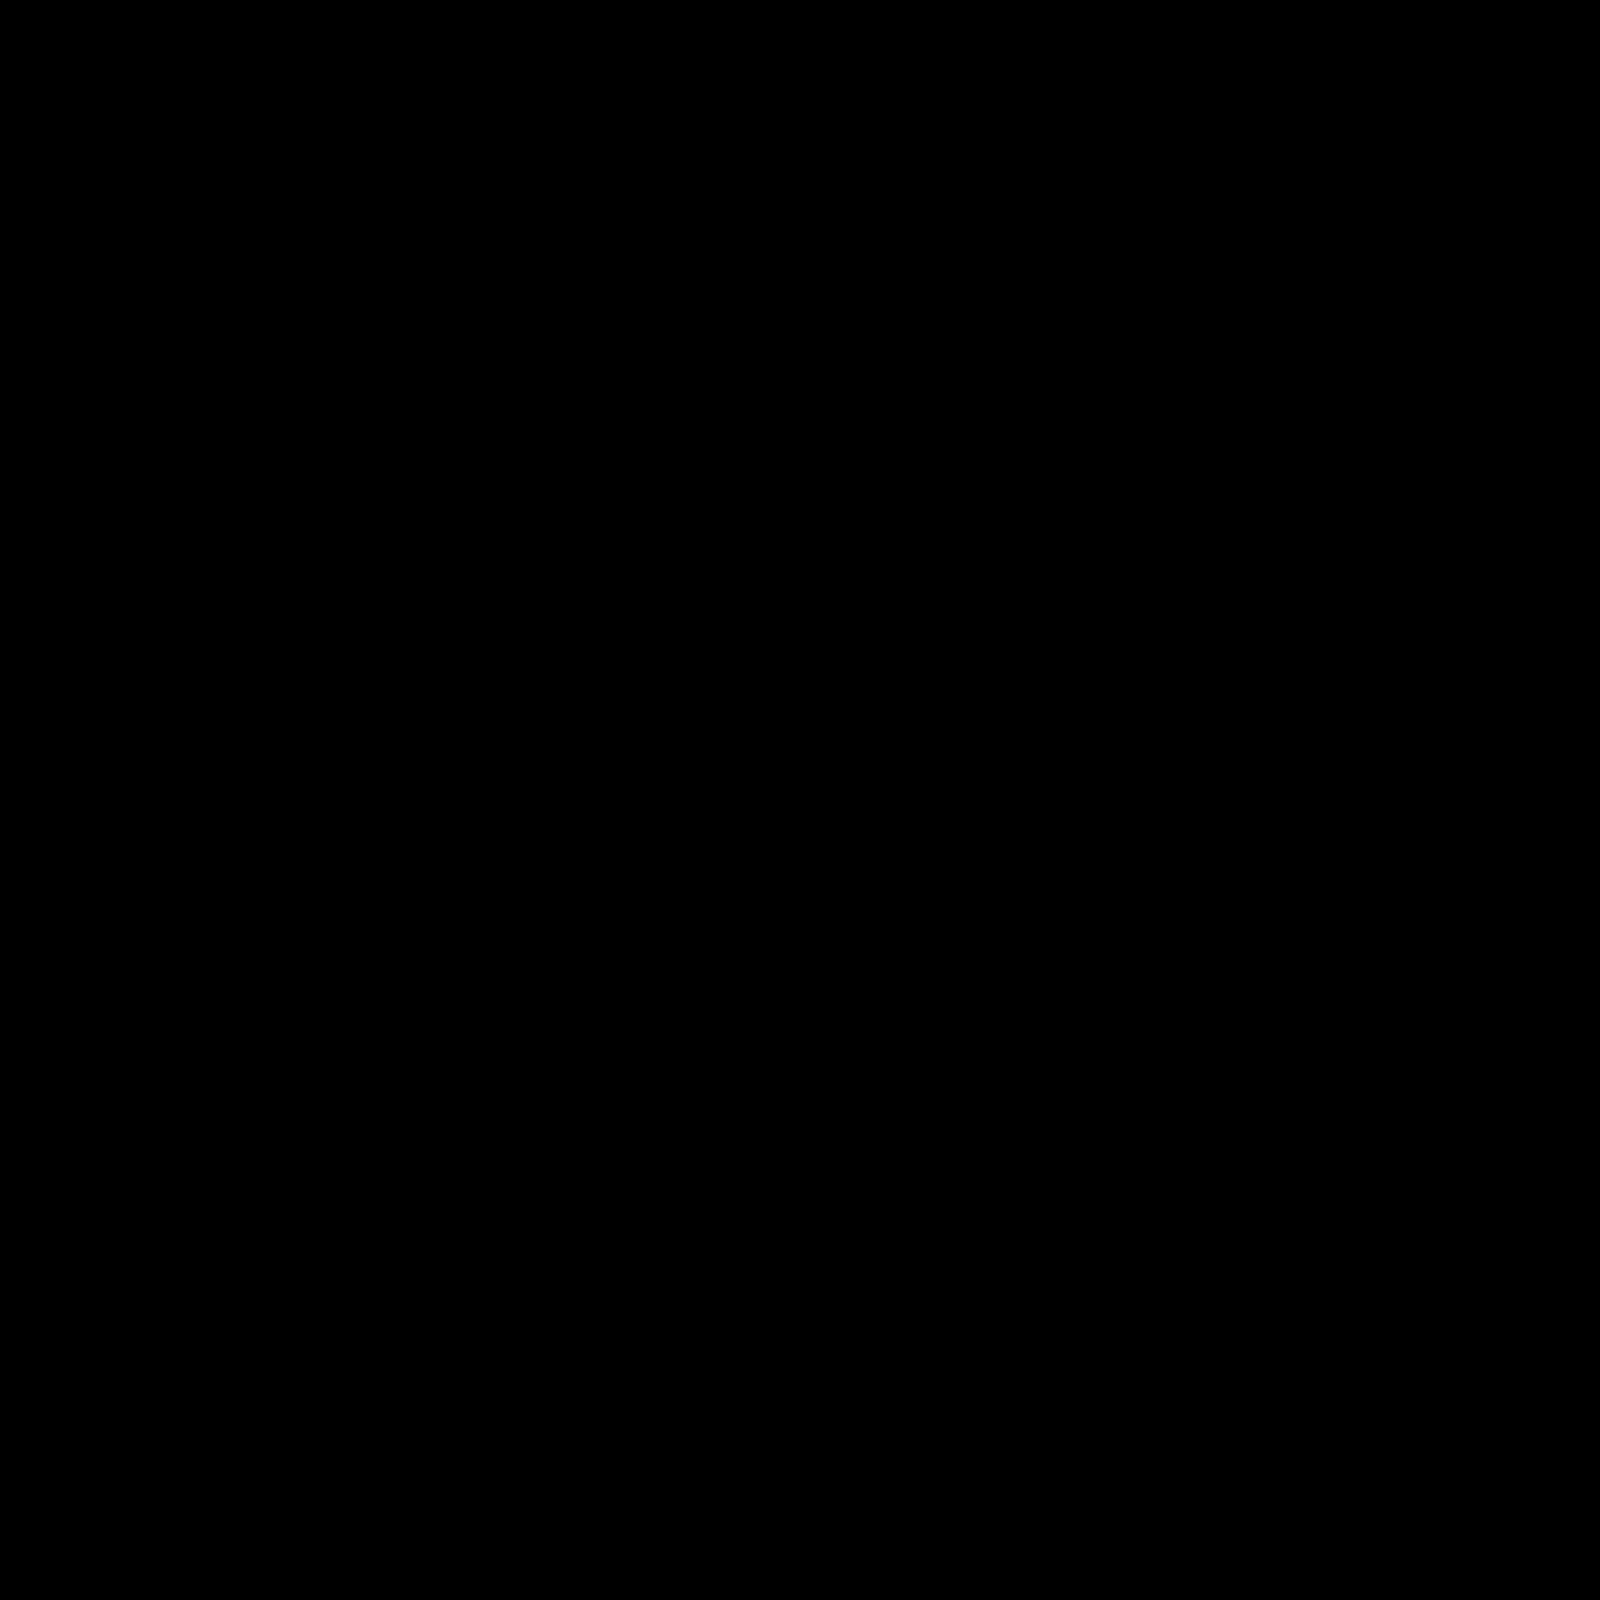 Odłożona słuchawka  icon